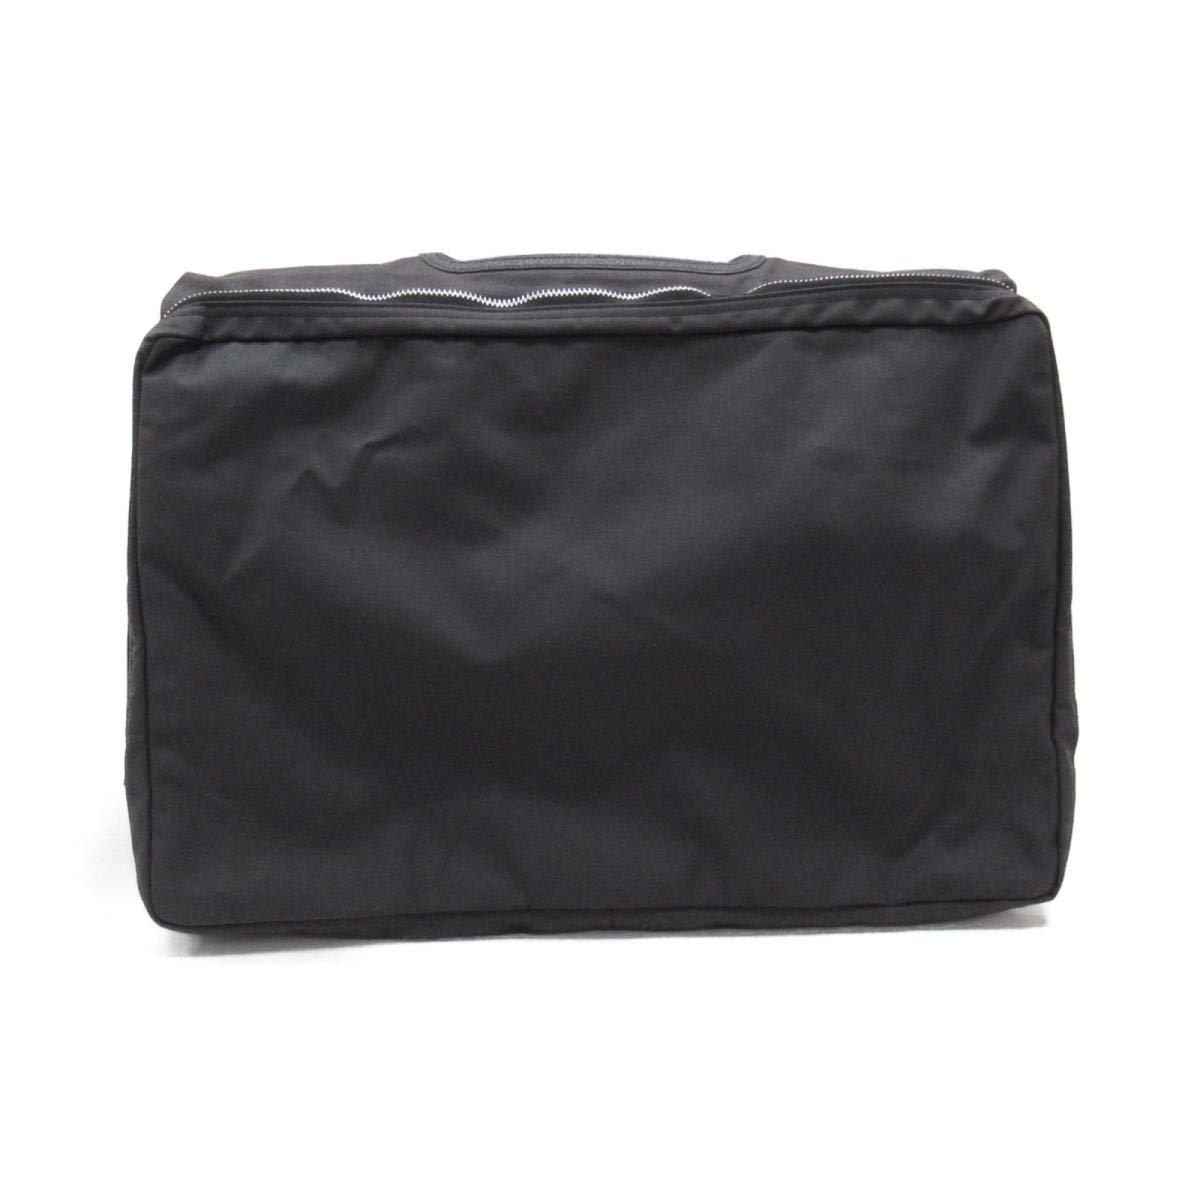 [エルメス] HERMES ビジネスバッグカバー ブラック キャンバス [中古]   B07KDDZ16Y